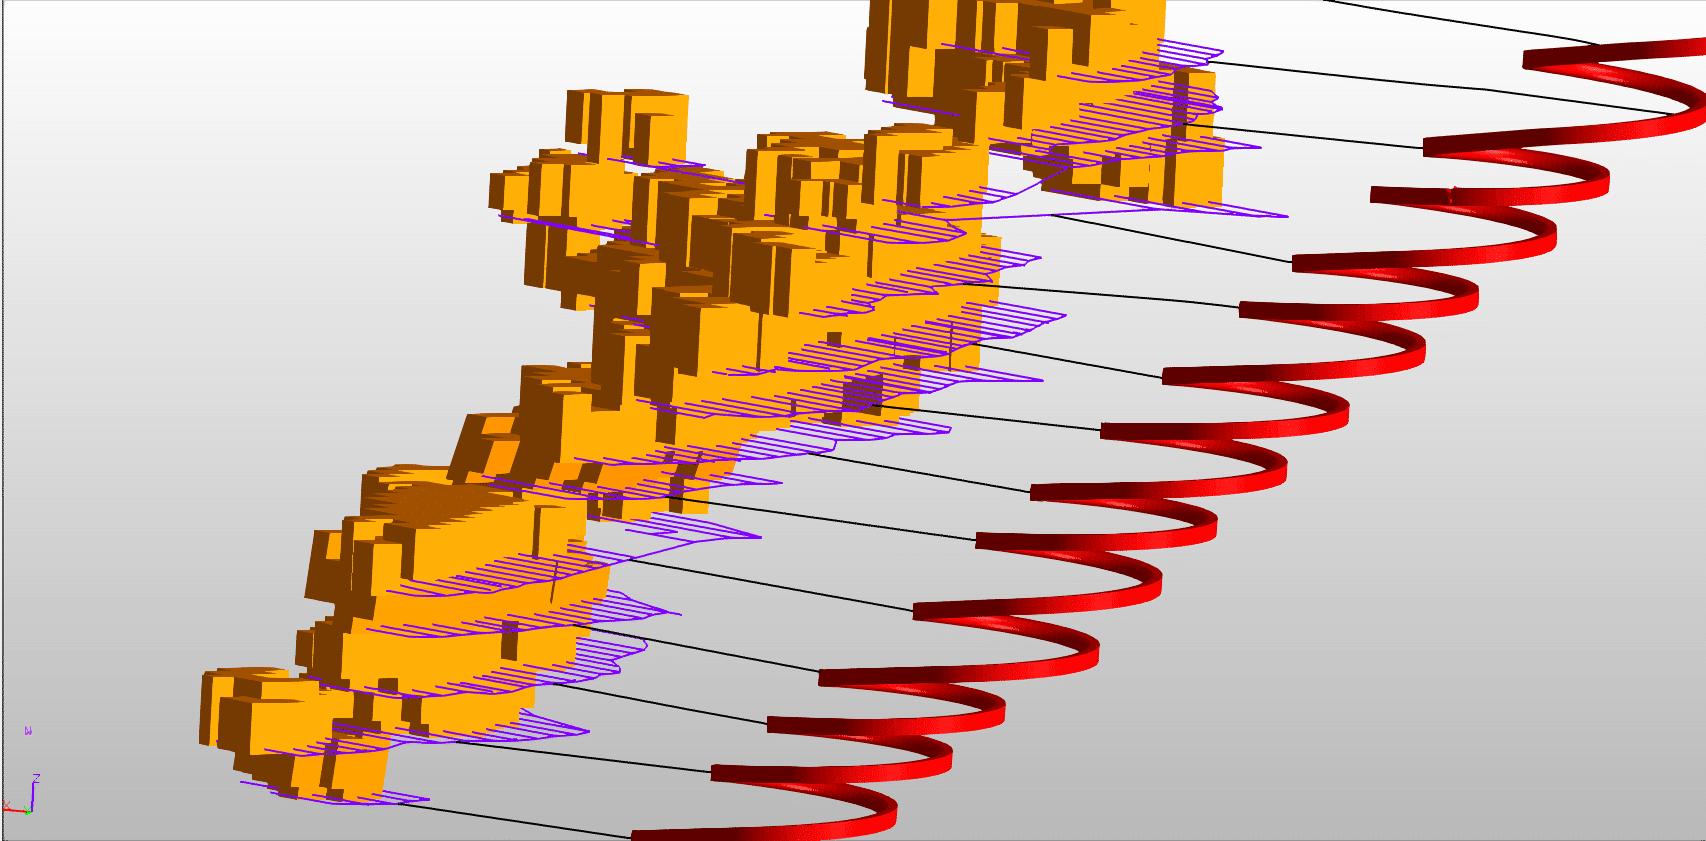 uCAD - Underground Mine Design